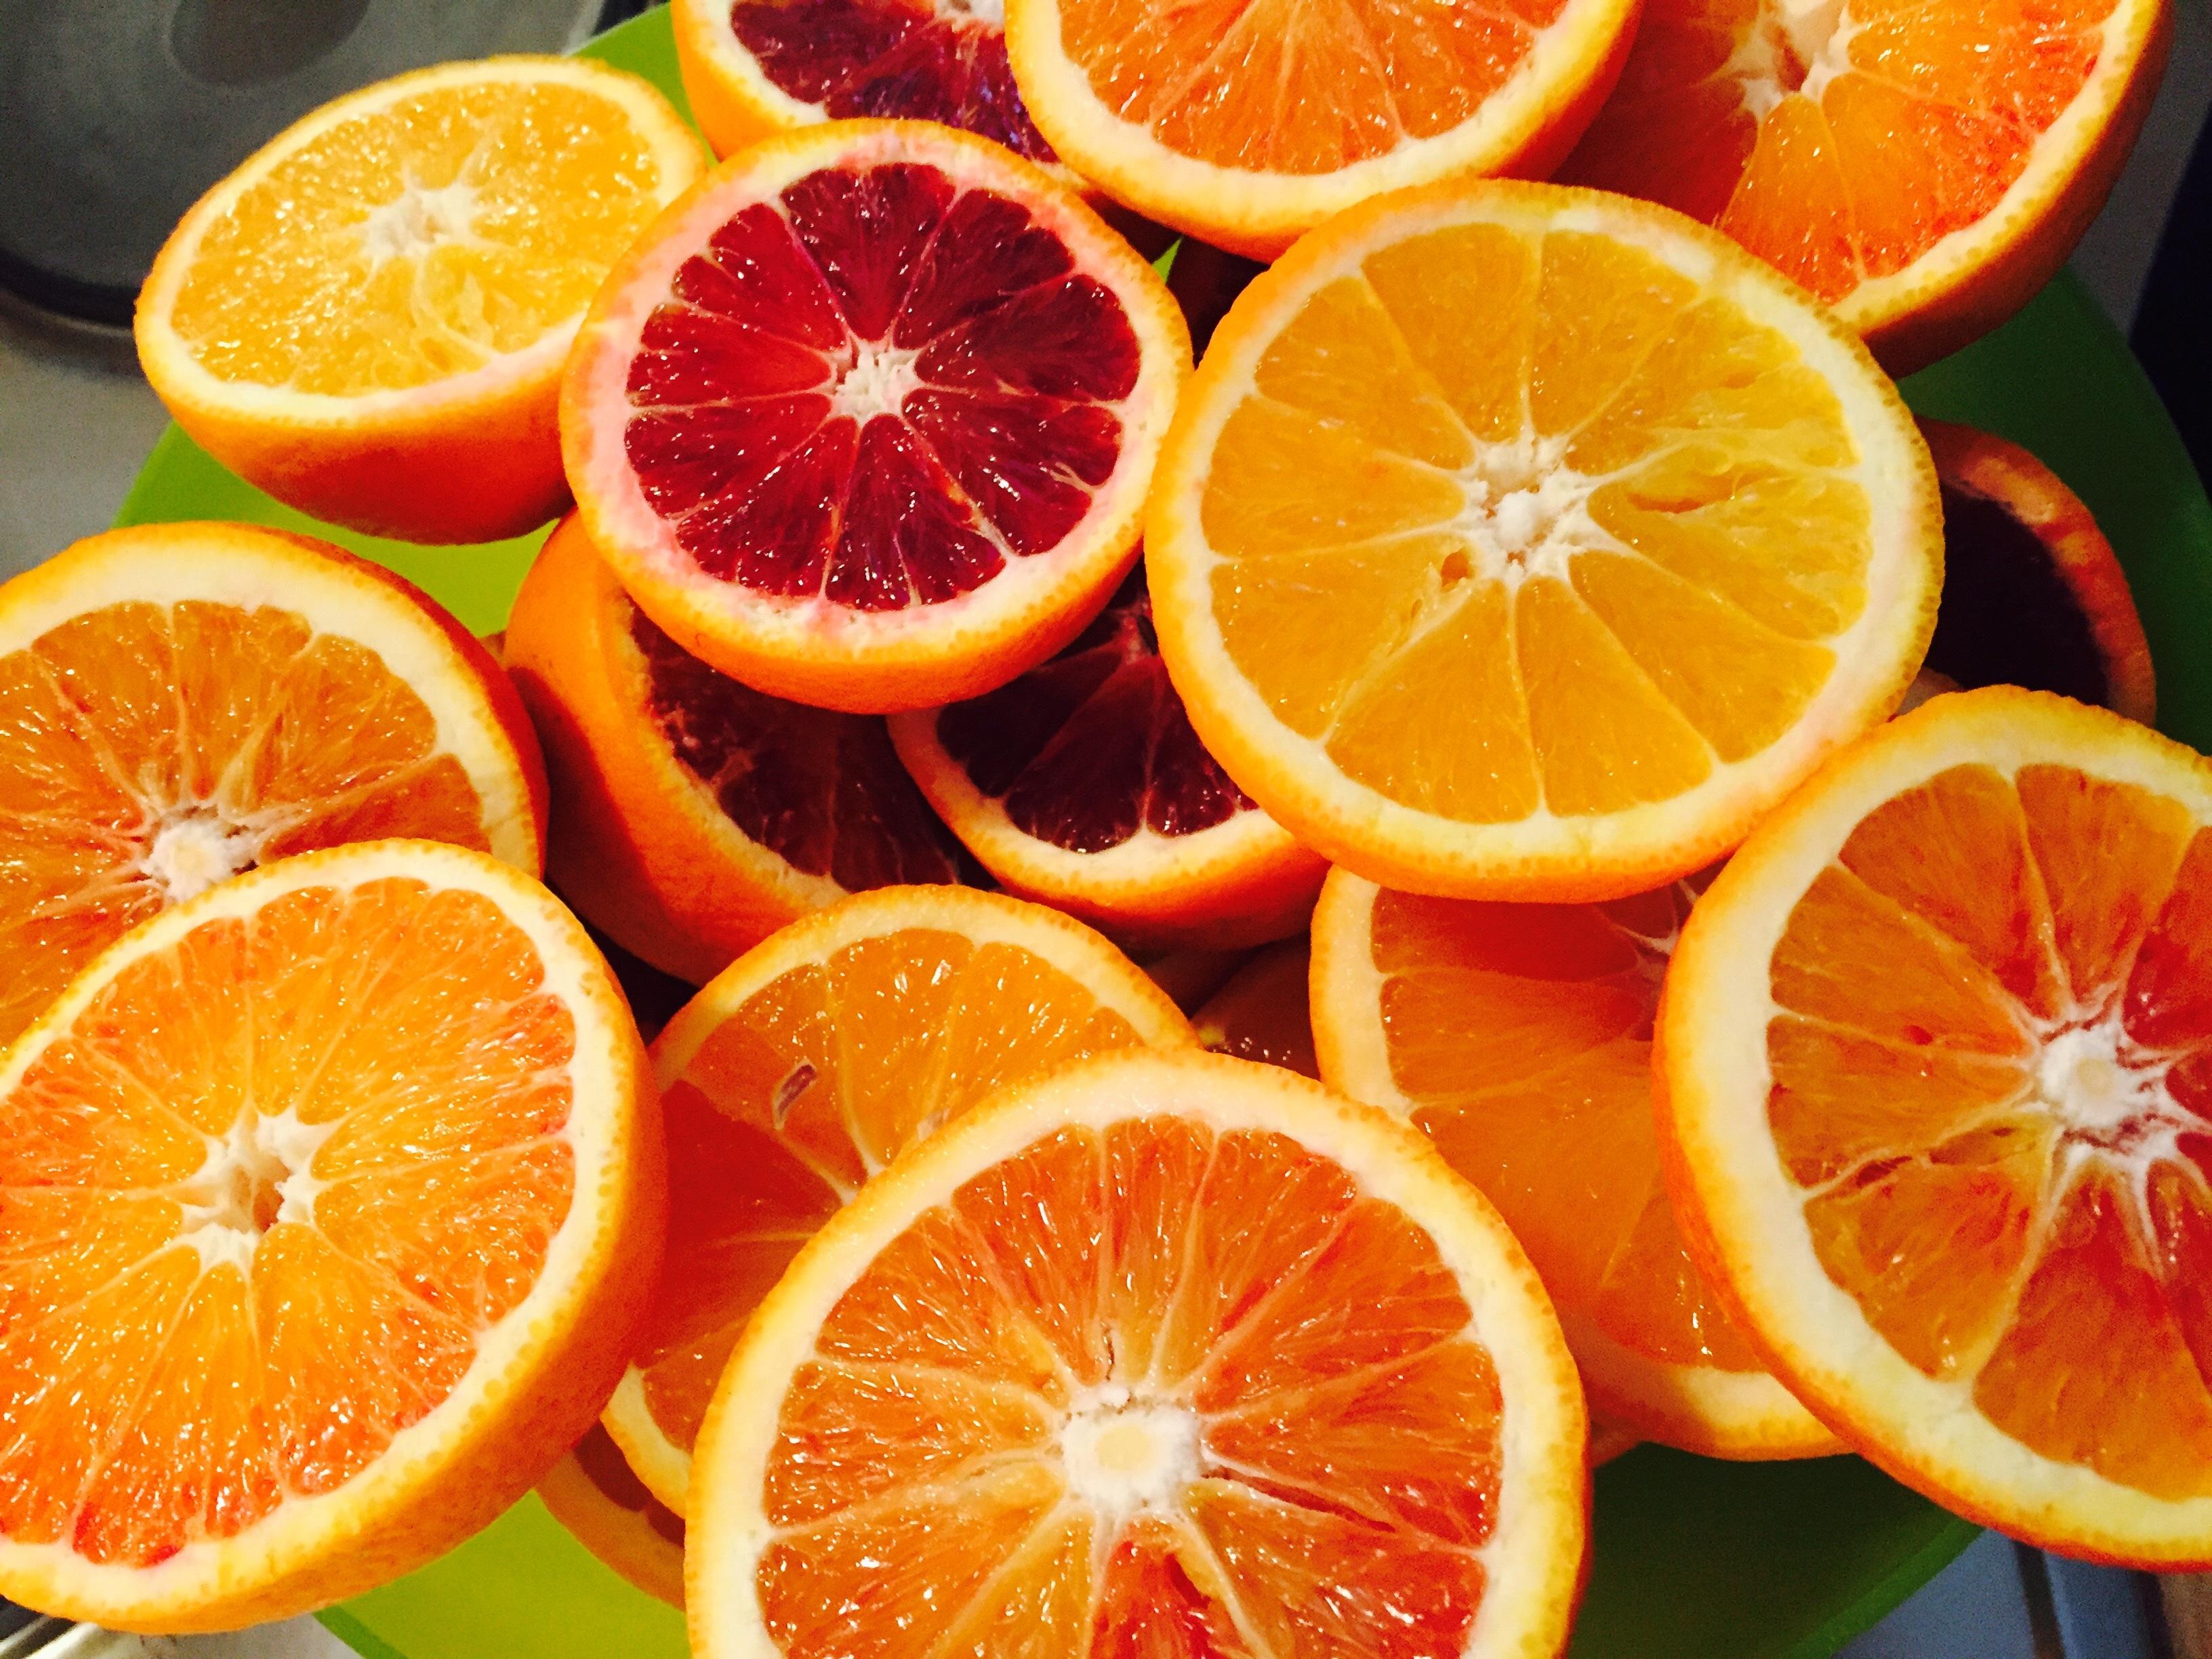 142866 скачать обои Фрукты, Срез, Апельсины, Еда, Цитрус, Спелый, Сочный - заставки и картинки бесплатно